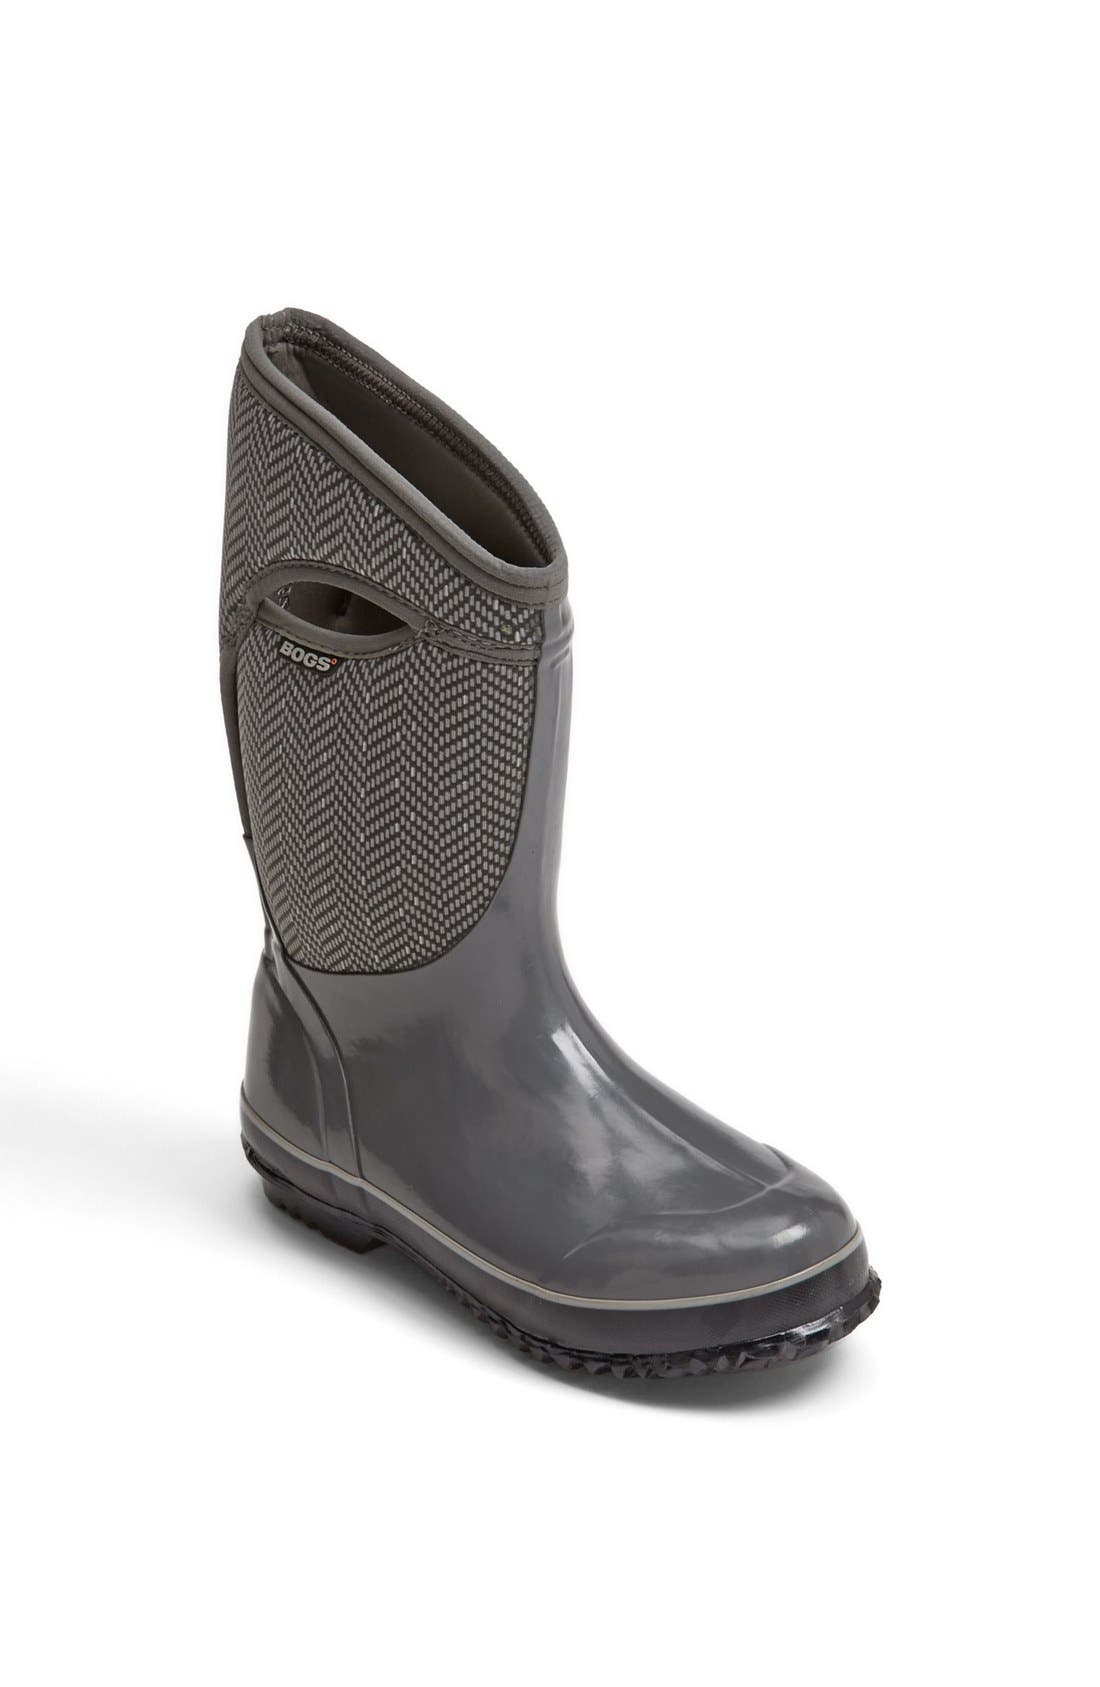 Alternate Image 1 Selected - Bogs Footwear 'Plimsoll' Boot (Little Kid & Big Kid)